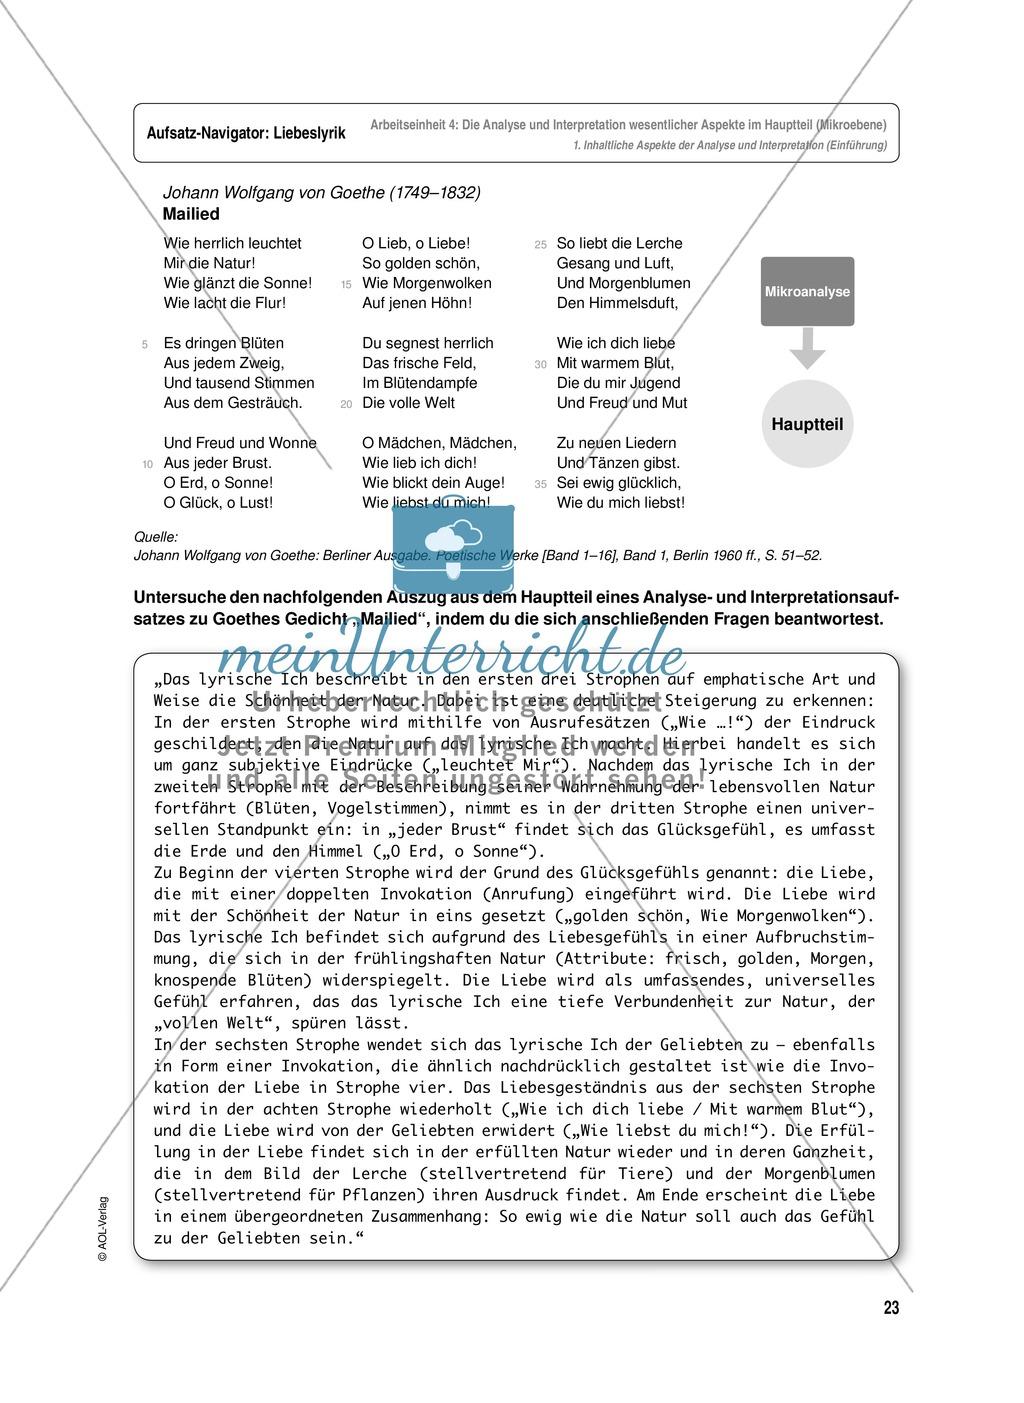 Arbeitseinheit zur Gestaltung einer Analyse / Interpretation von Liebeslyrik - Die Analyse und Interpretation wesentlicher Aspekte im Hauptteil (Mikroebene) Preview 0